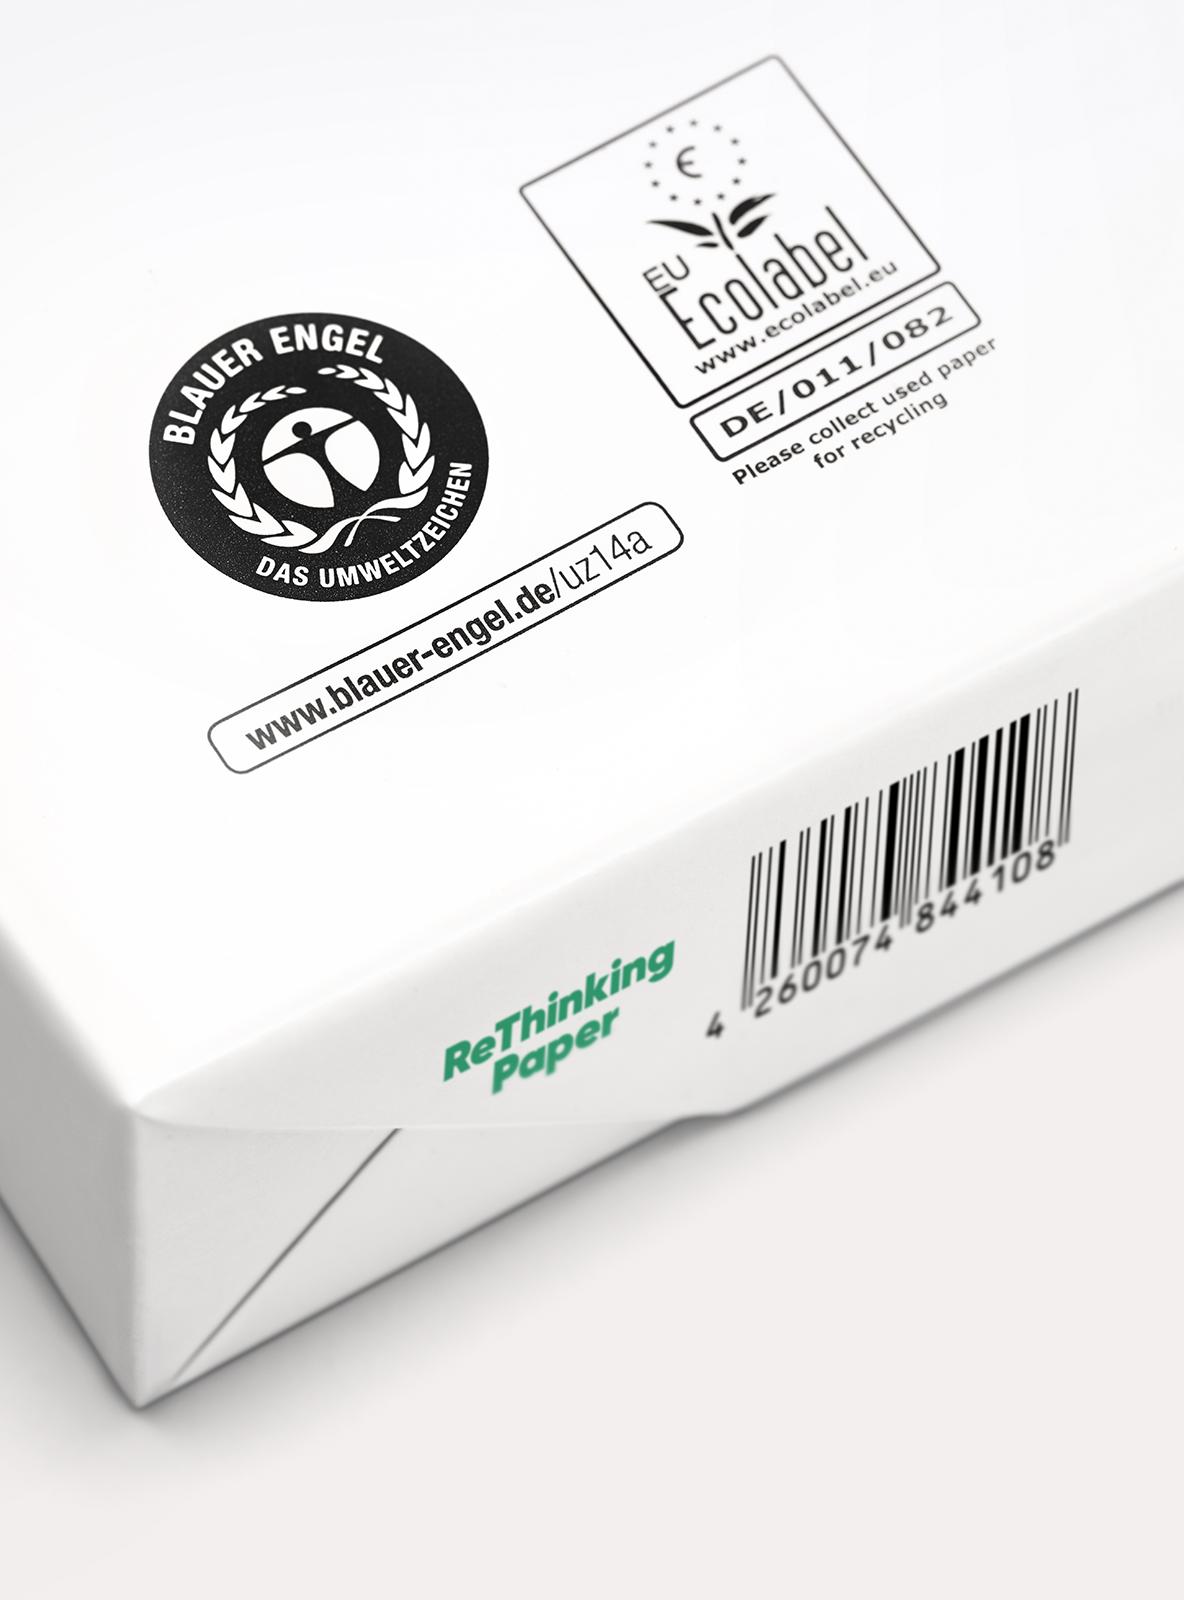 Kopierpapier_Auszeichnungen-2x